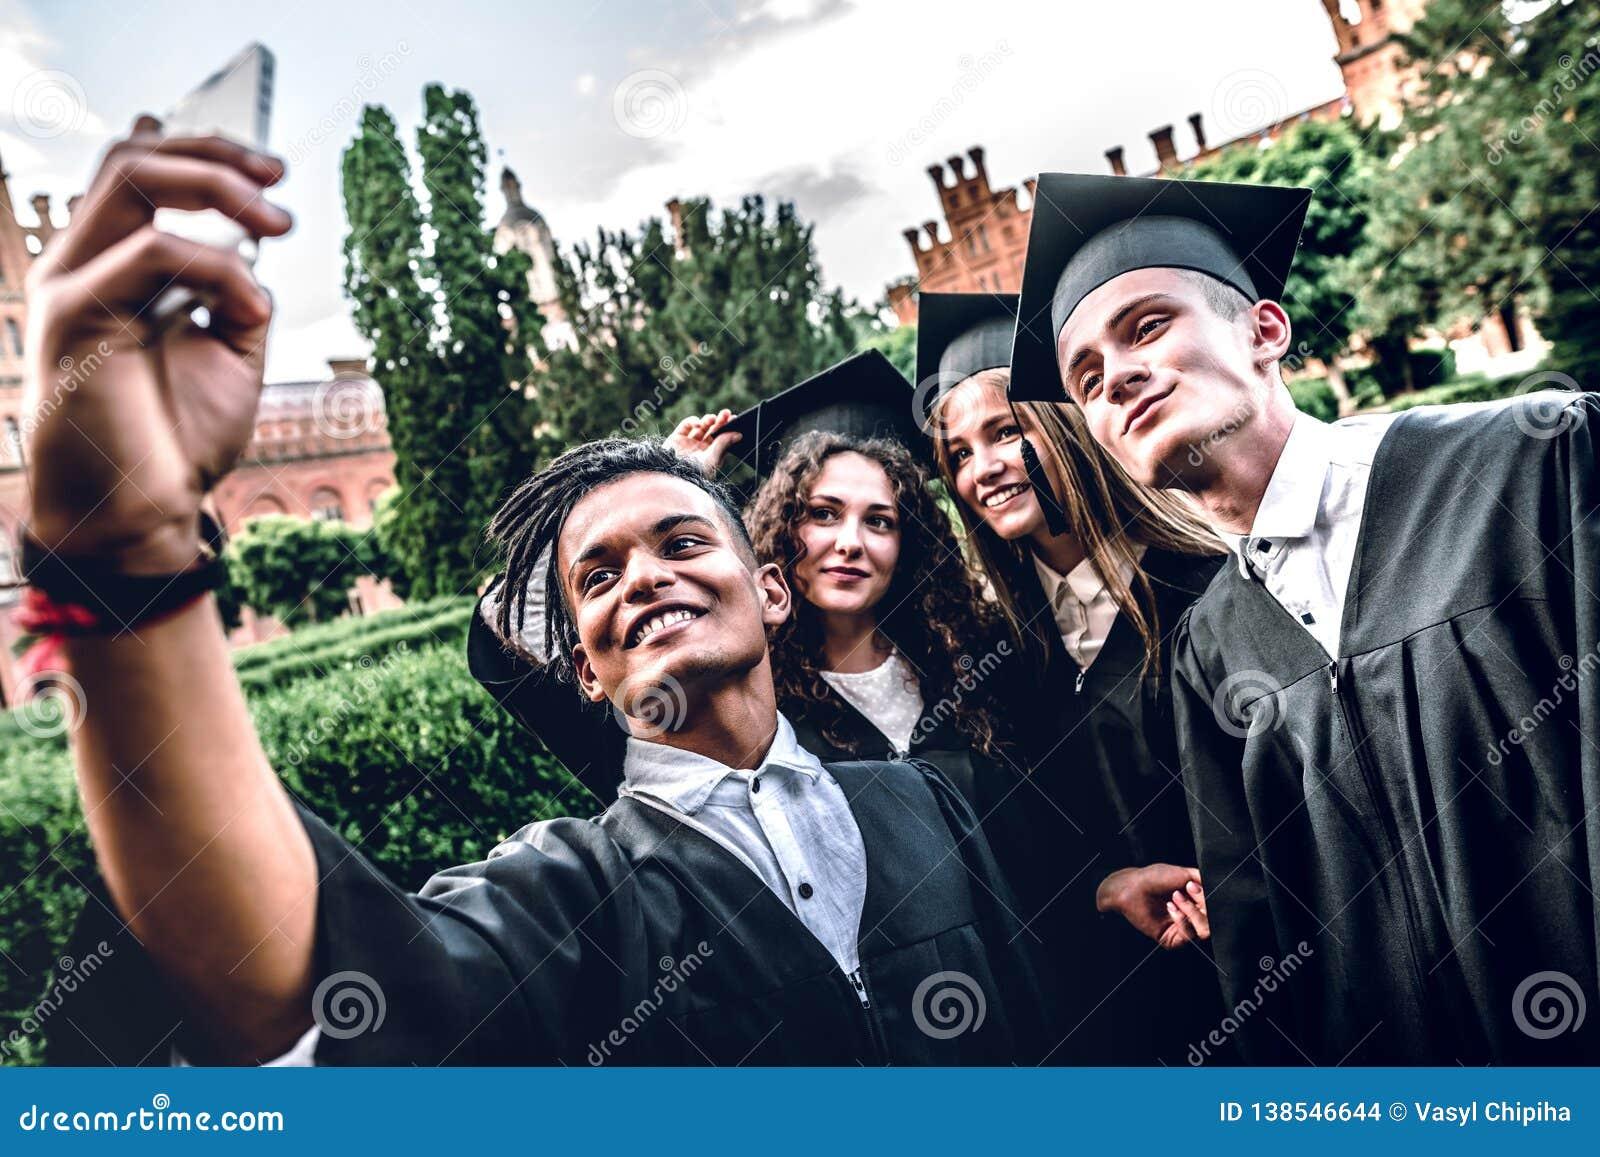 Nós ` VE graduado finalmente! Os graduados felizes estão estando na universidade exterior nos envoltórios que sorriem e que tomam